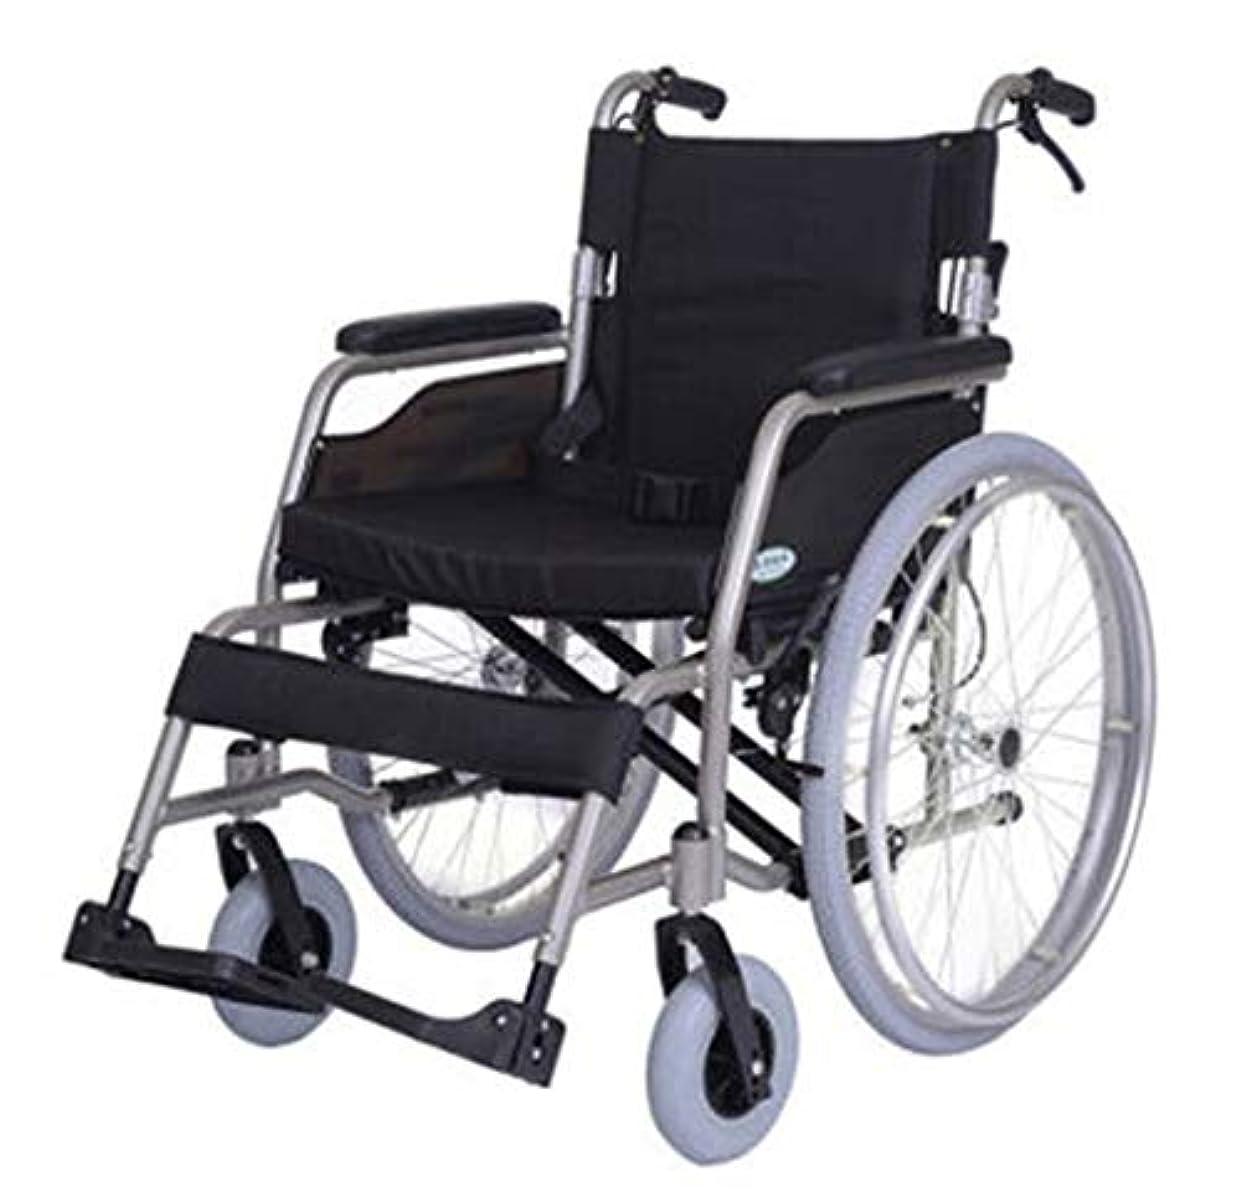 クランプカフェテリアマナー車椅子のシート幅を50センチに広げ、折りたたみ式車椅子、高齢者が旅行するのに適している